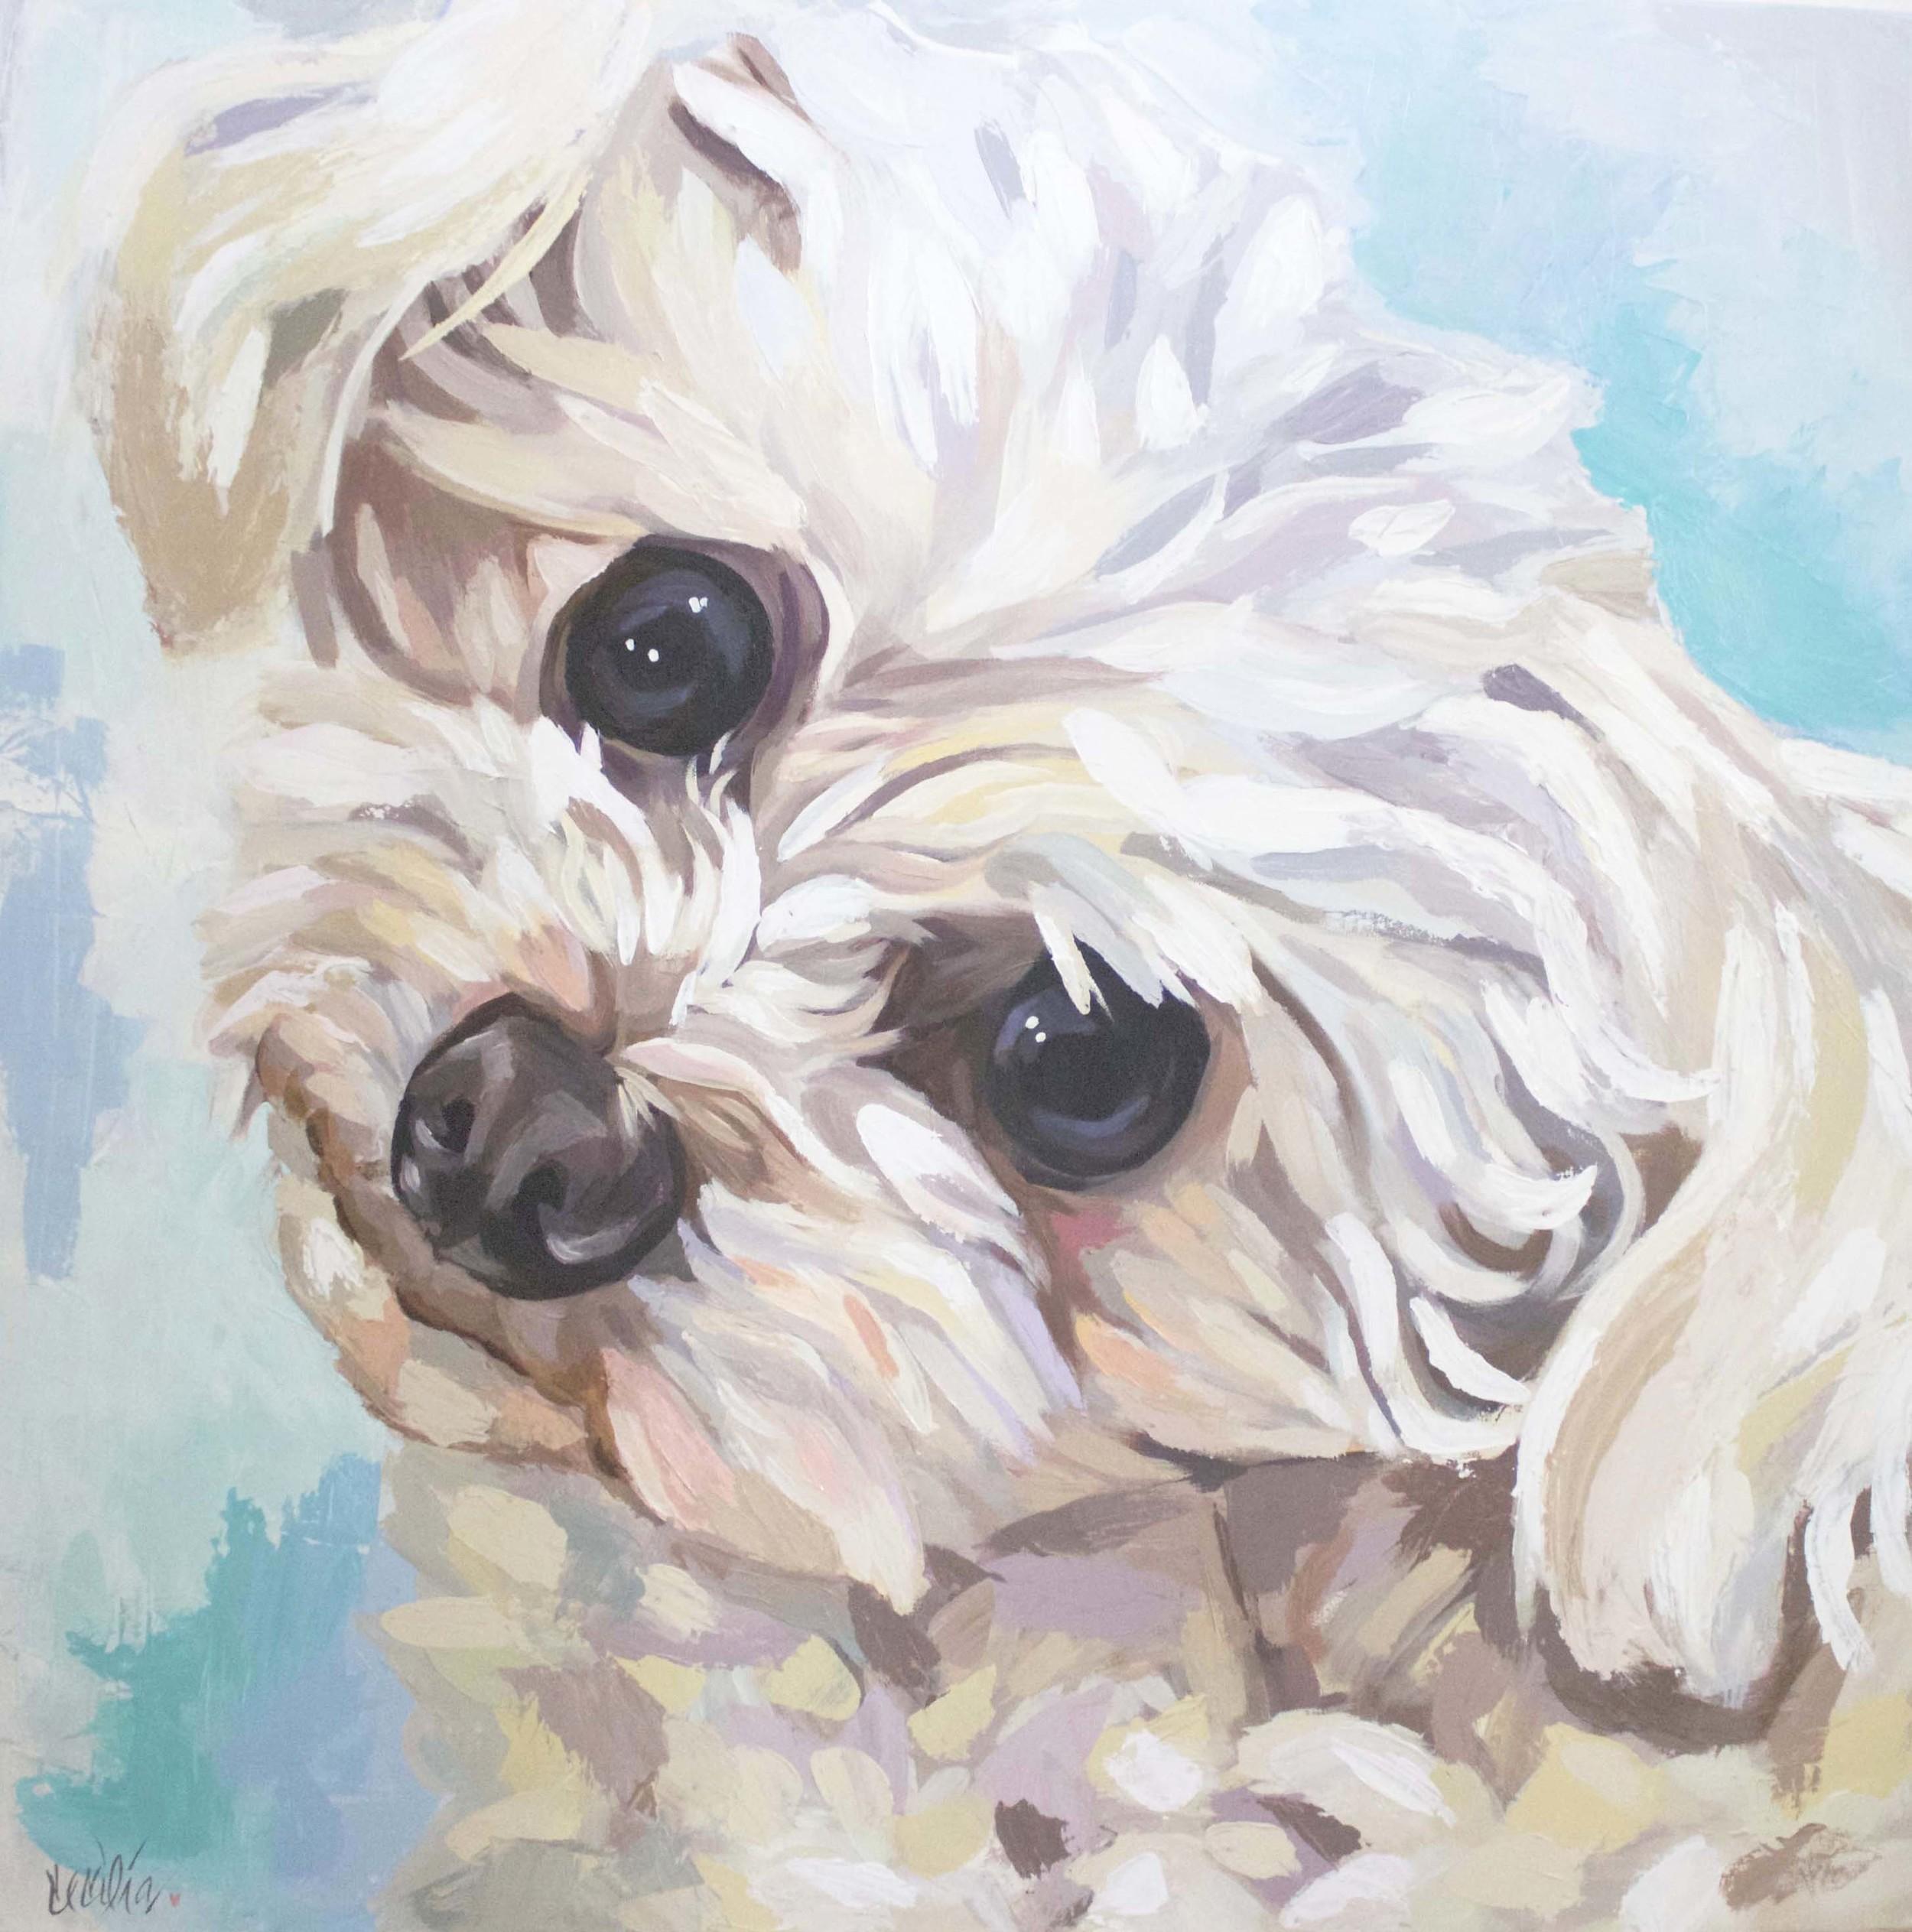 Robbie-toy poodle 36x36